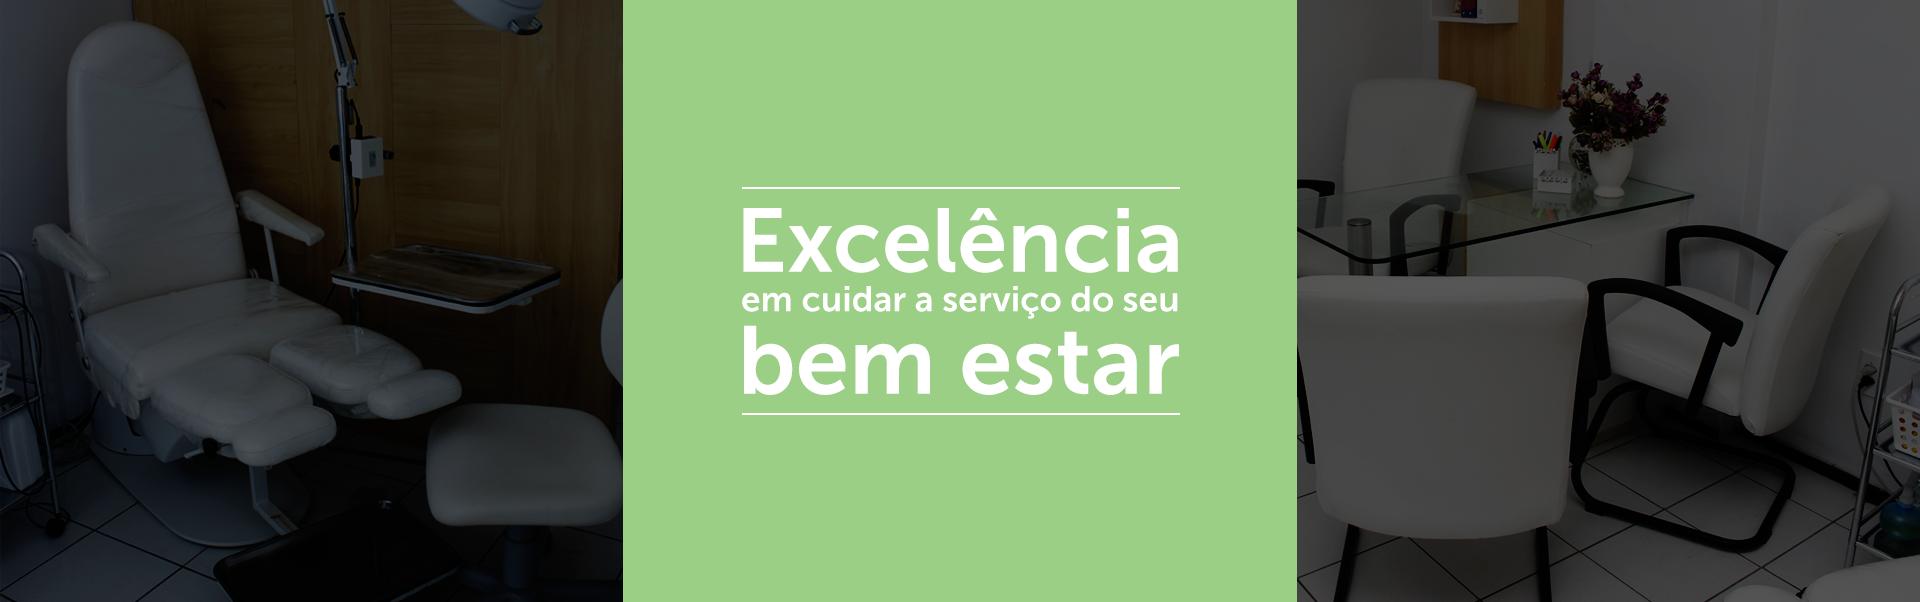 excelencia-banner